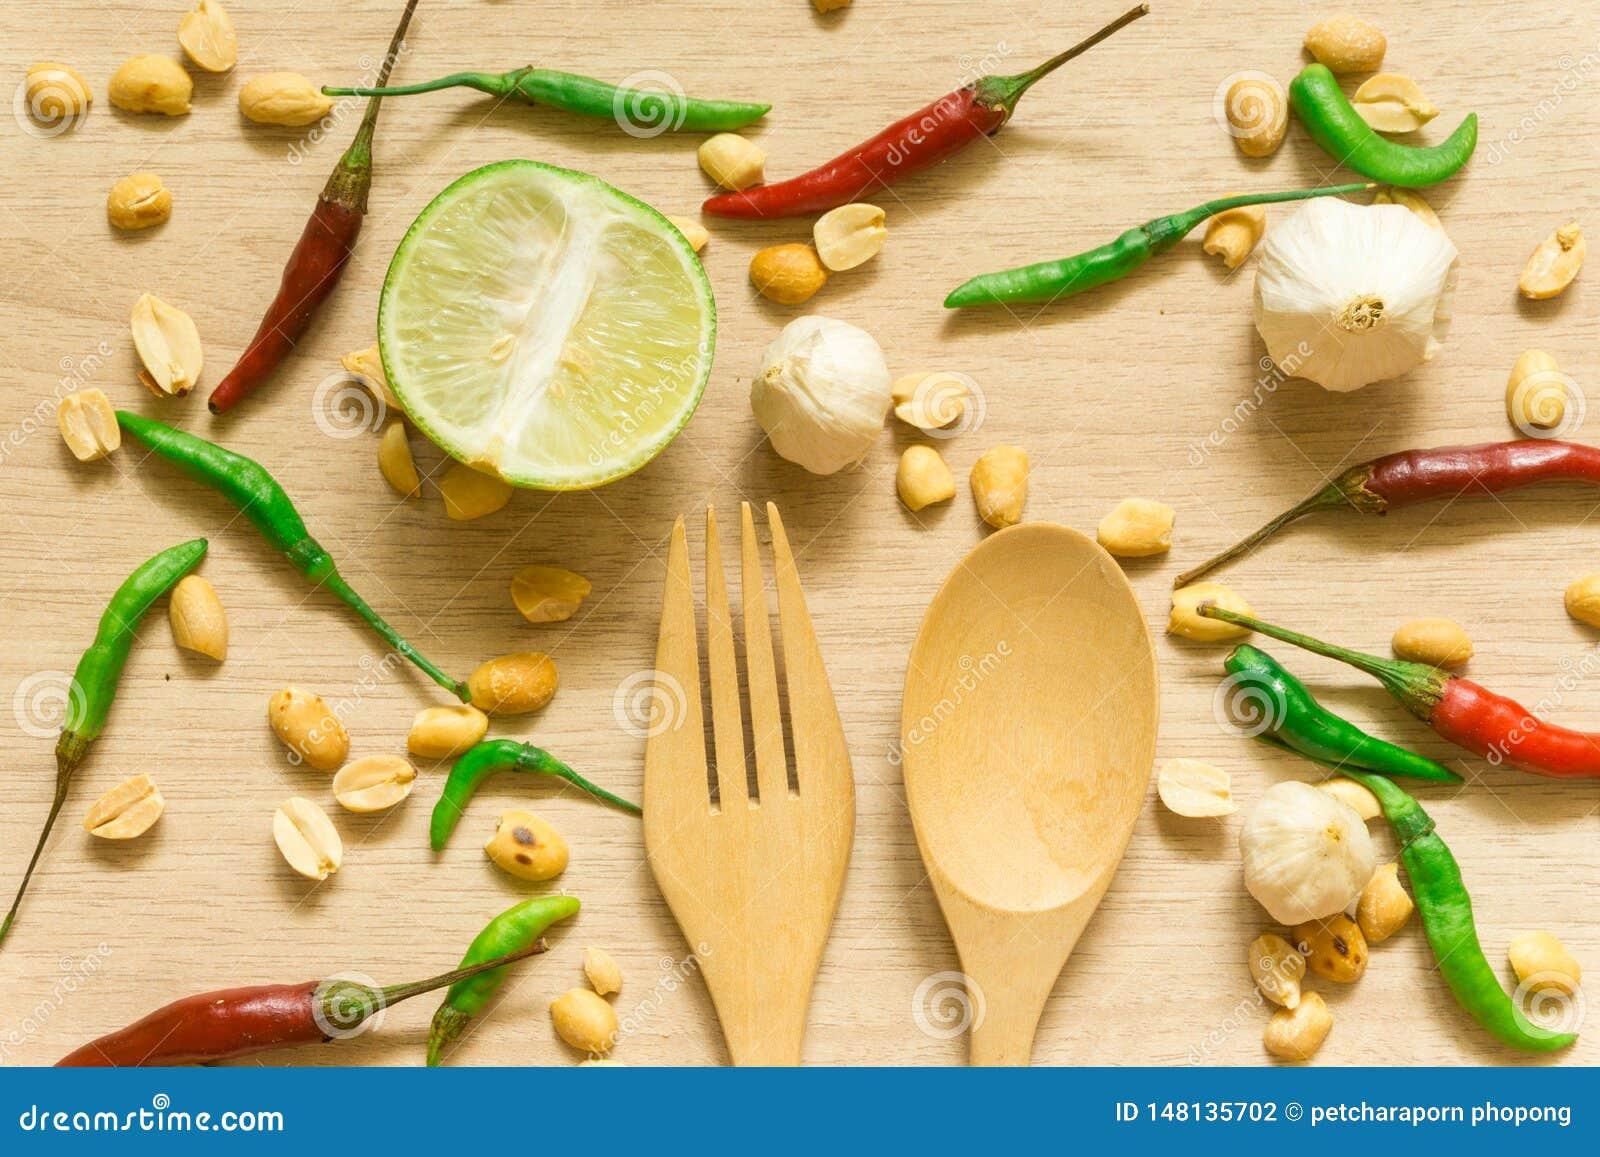 B?sta sikt av olika nya gr?nsaker paprika, jordn?t, vitl?k, citron och ?rter som isoleras p? tr?bakgrund